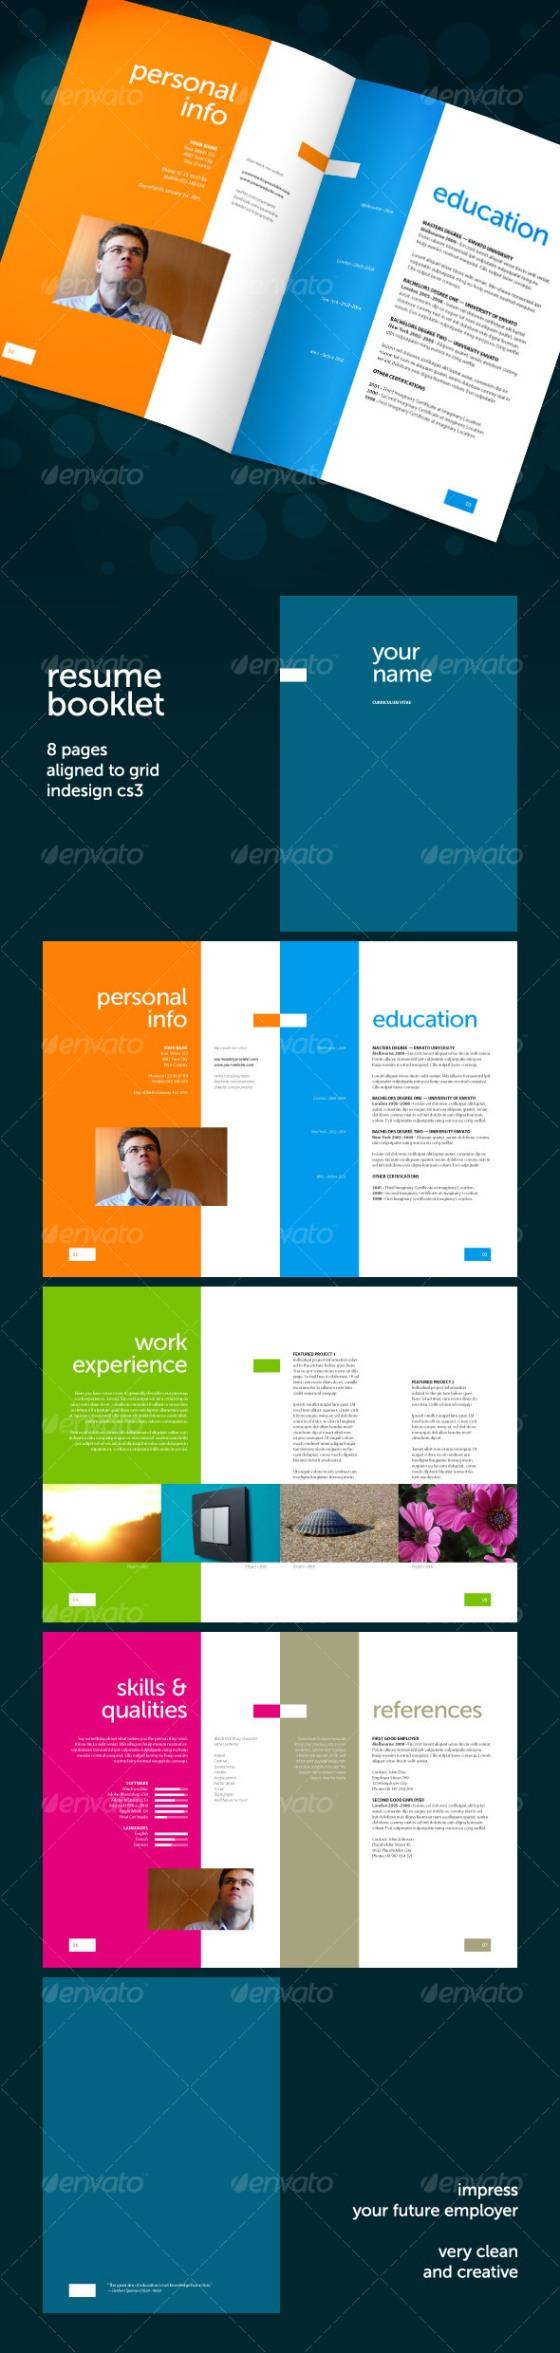 resume portfolio booklet design